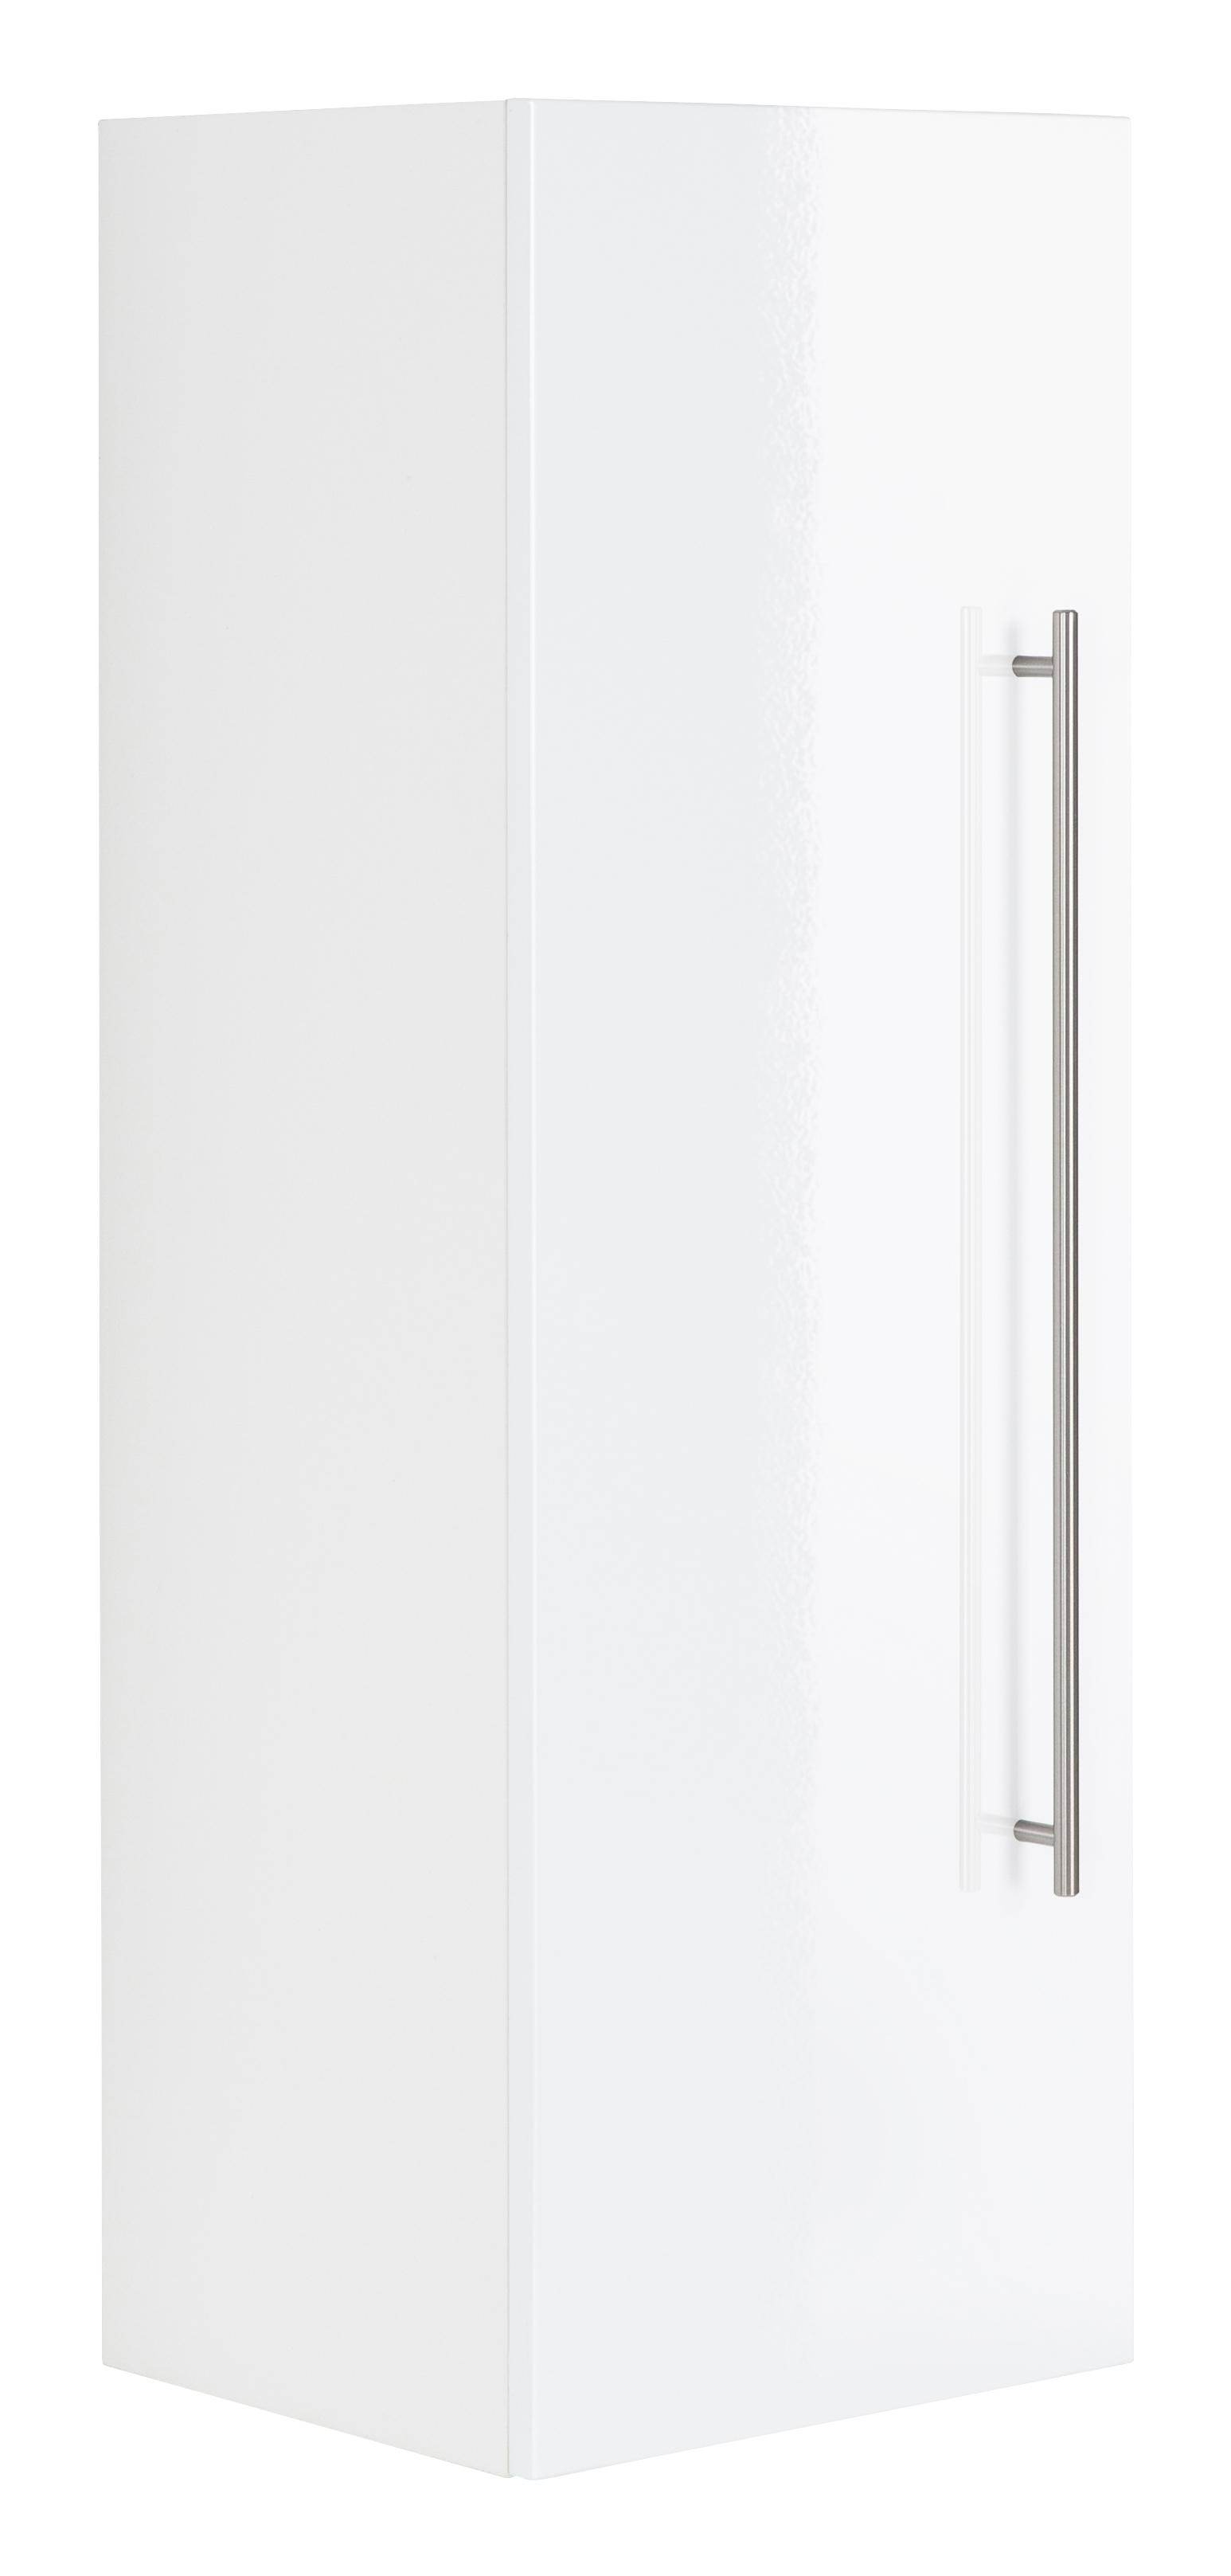 Saniclear Viva kolomkast 100x35x30cm hoogglans wit